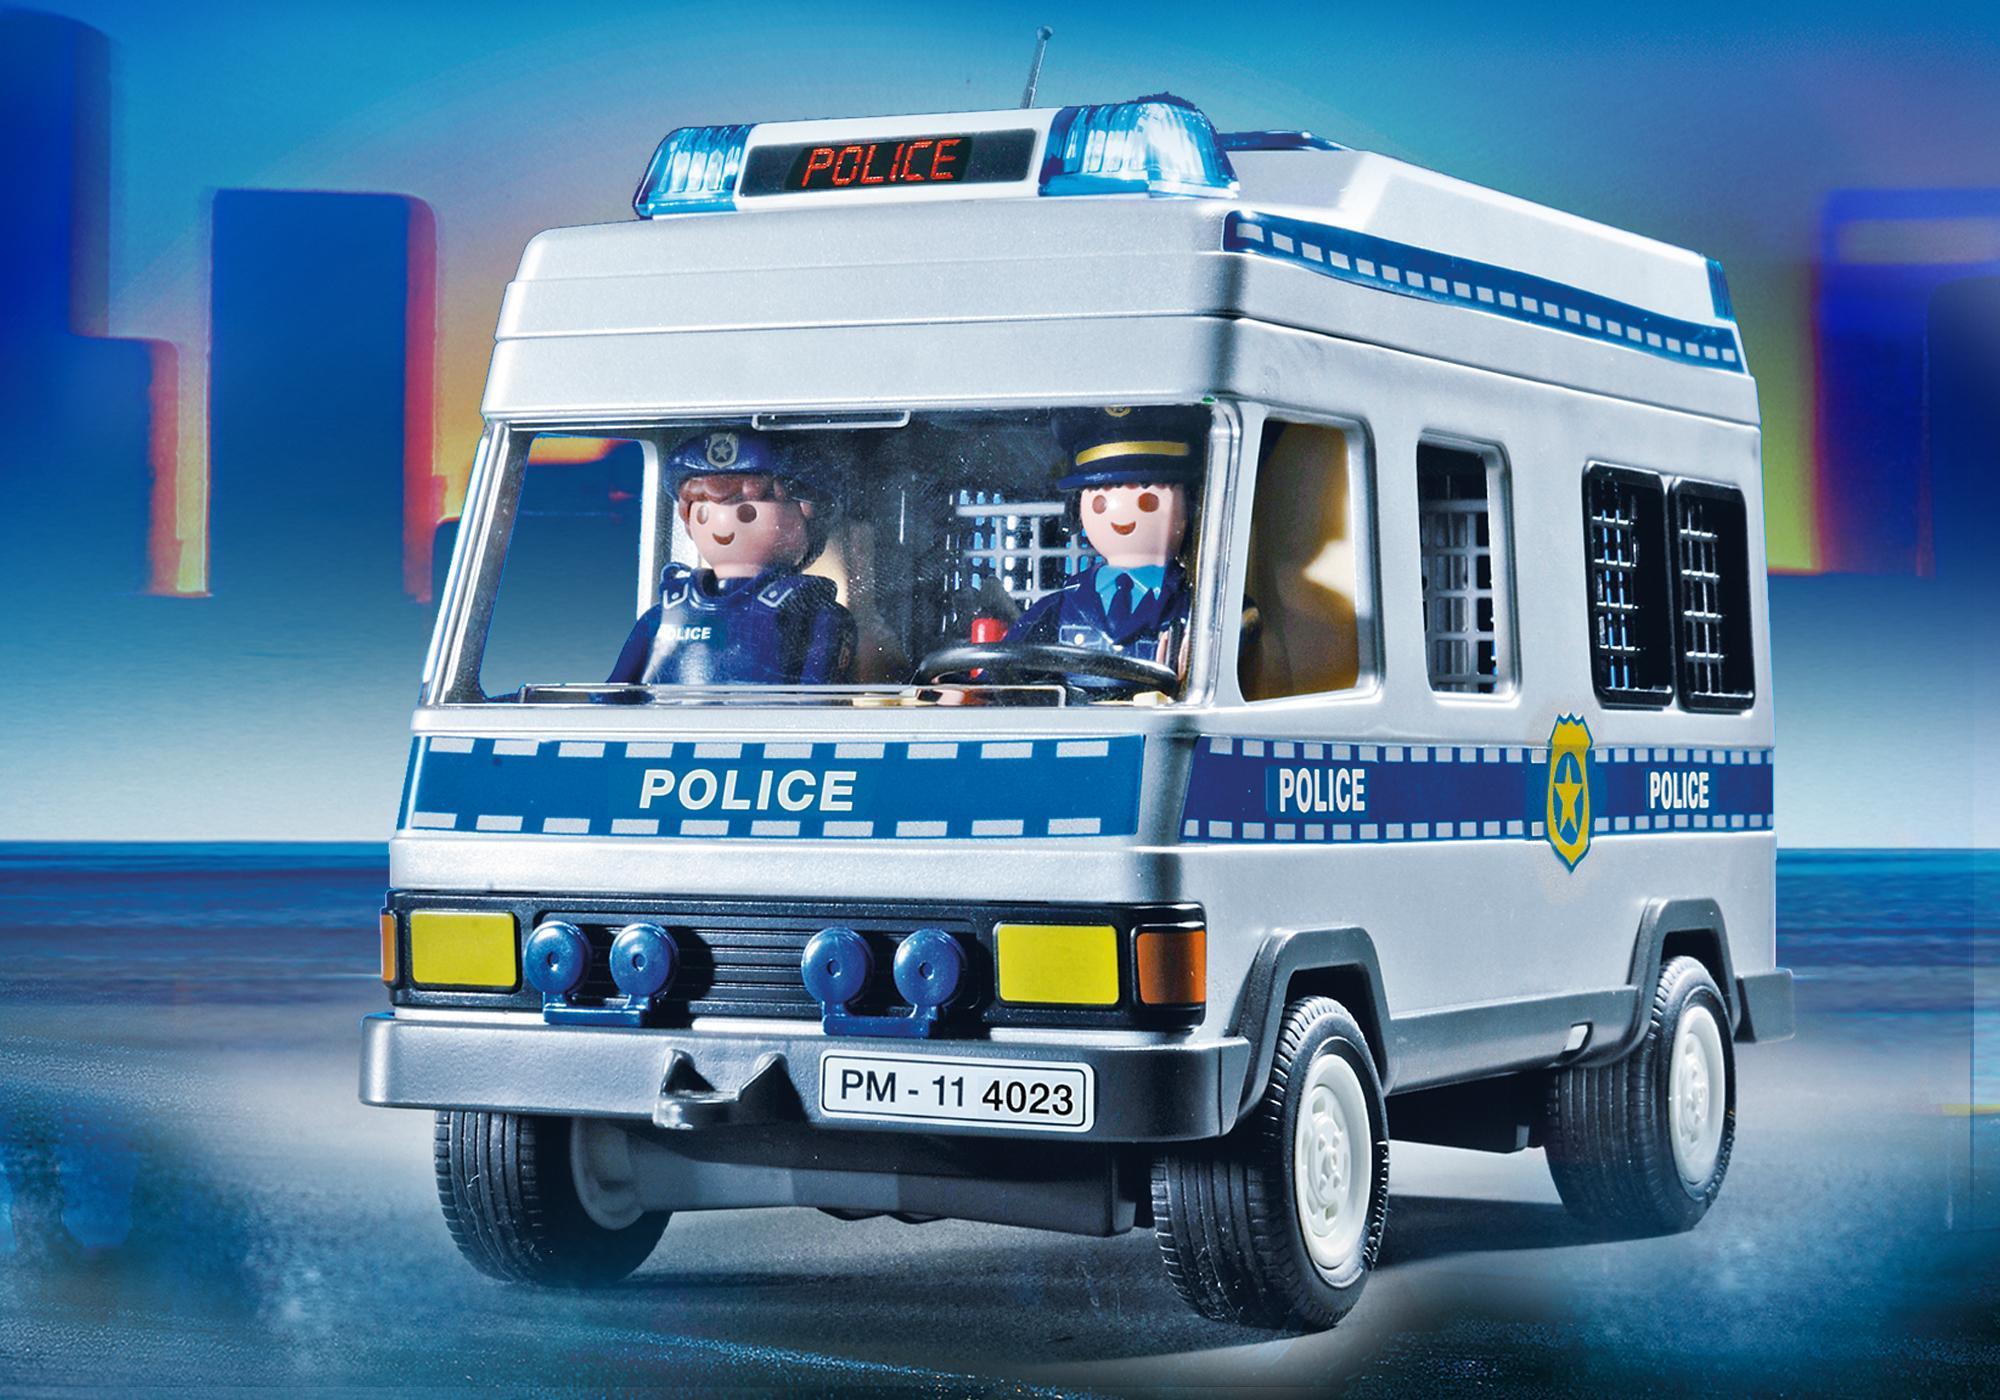 http://media.playmobil.com/i/playmobil/4023_product_extra2/Fourgon équipé et policiers